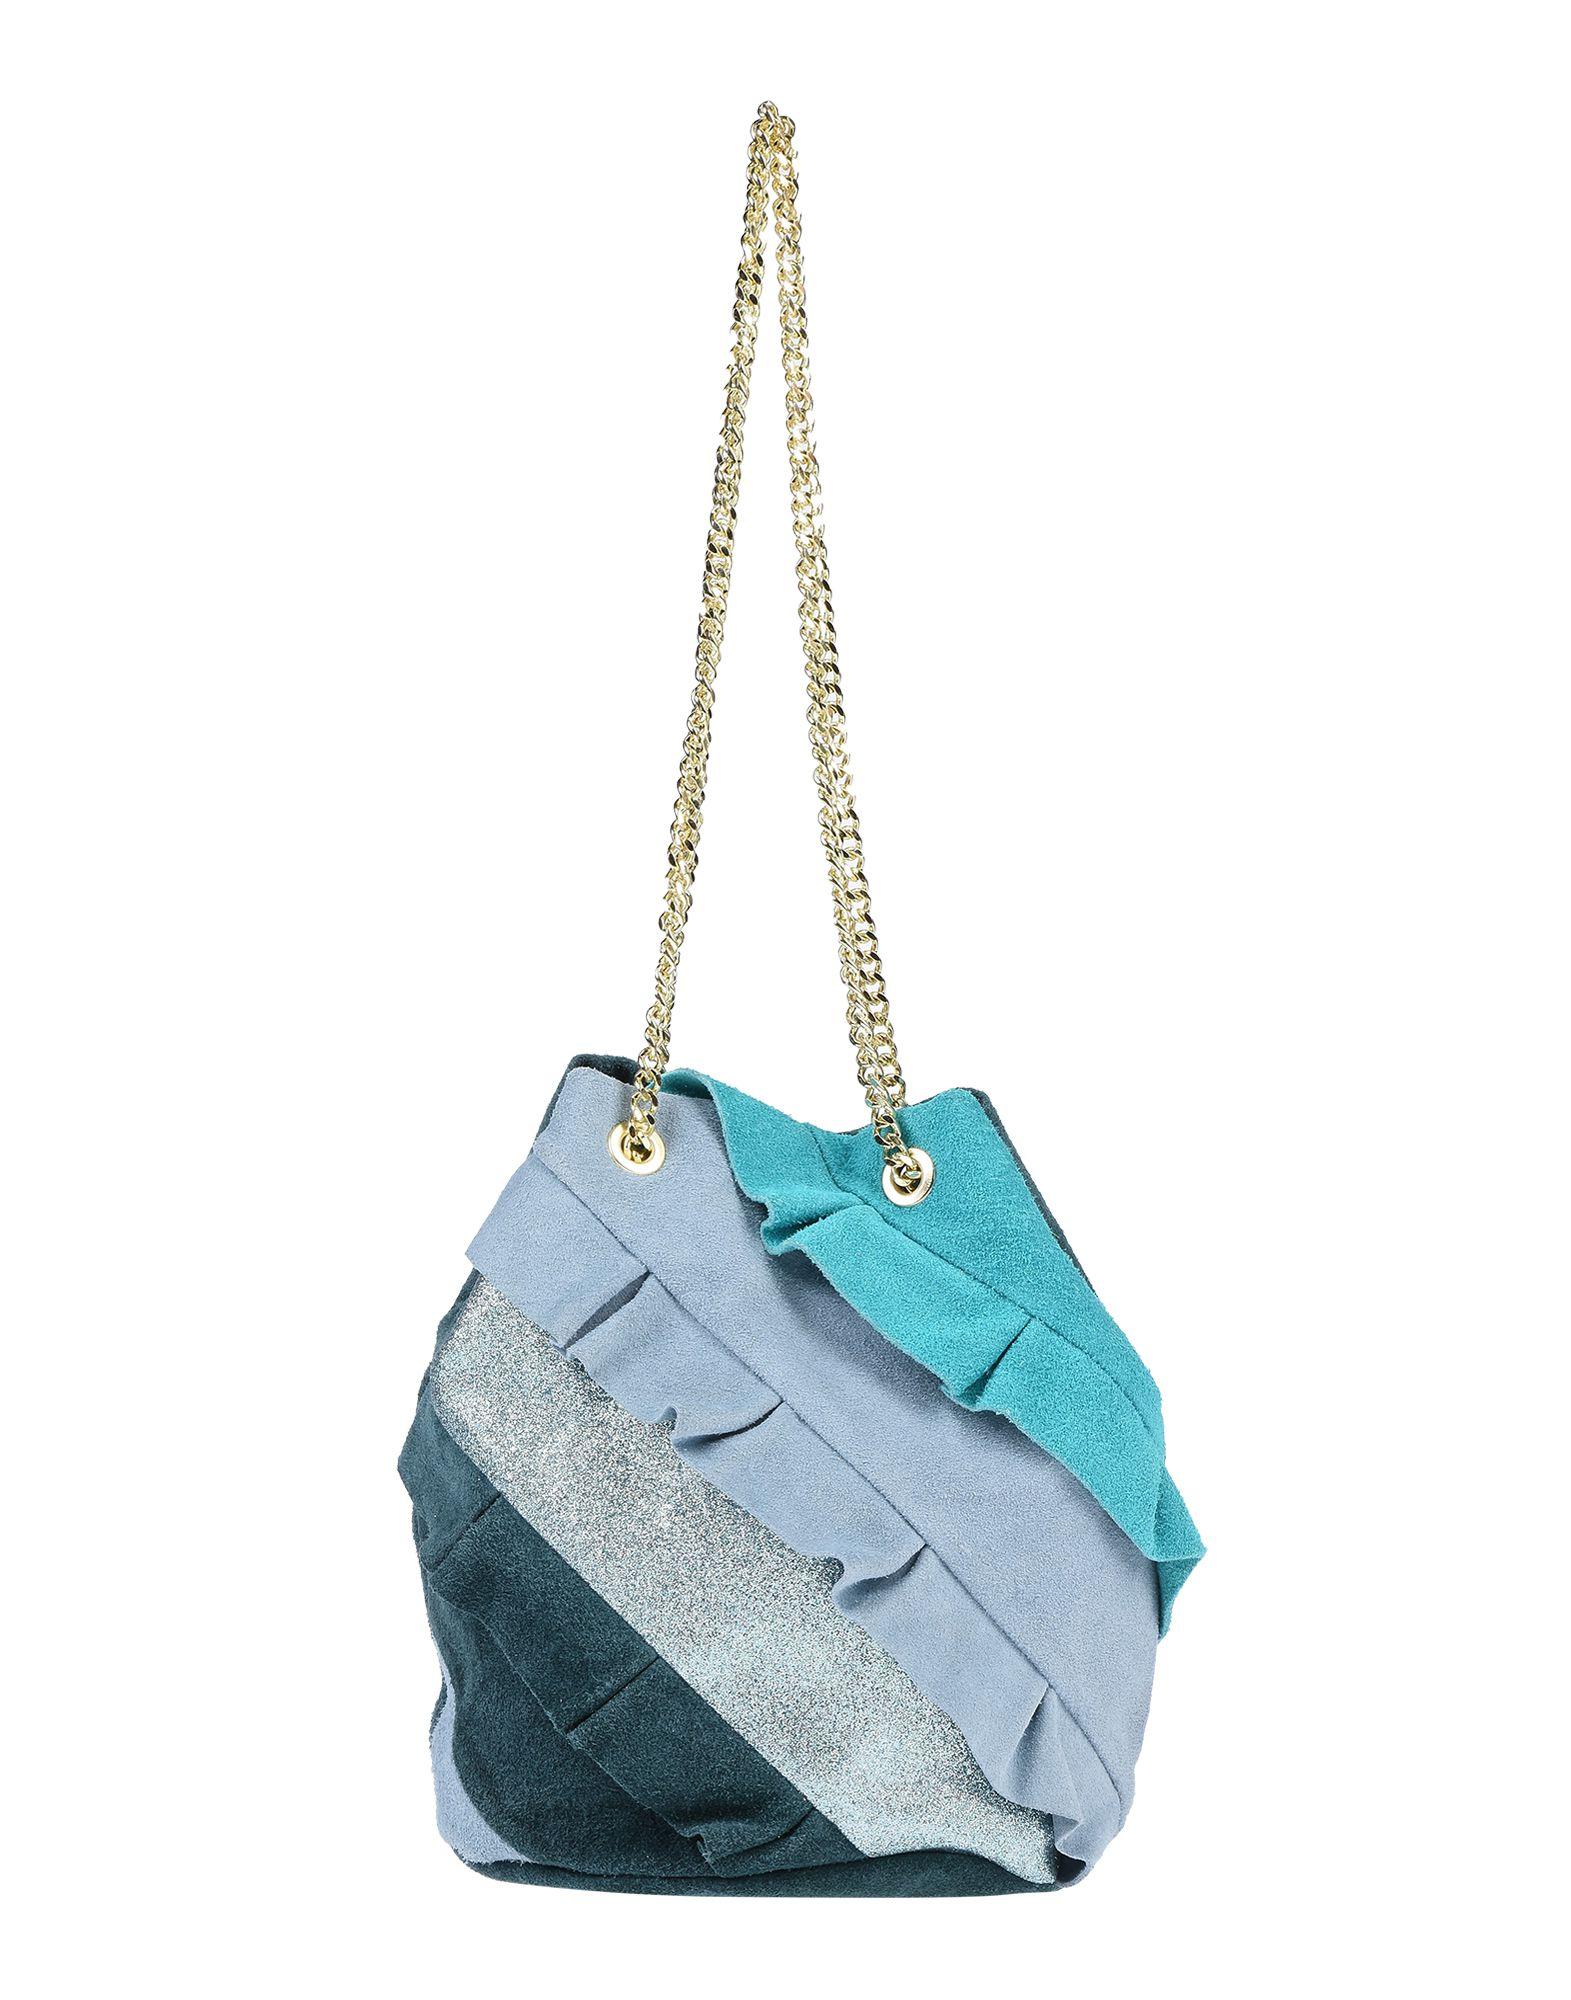 ANNARITA N. Сумка на плечо [супермаркет] landcase jingdong люди деловой сумки случайной сумка плечо сумка прилив мешок коричневого холст мешок 902